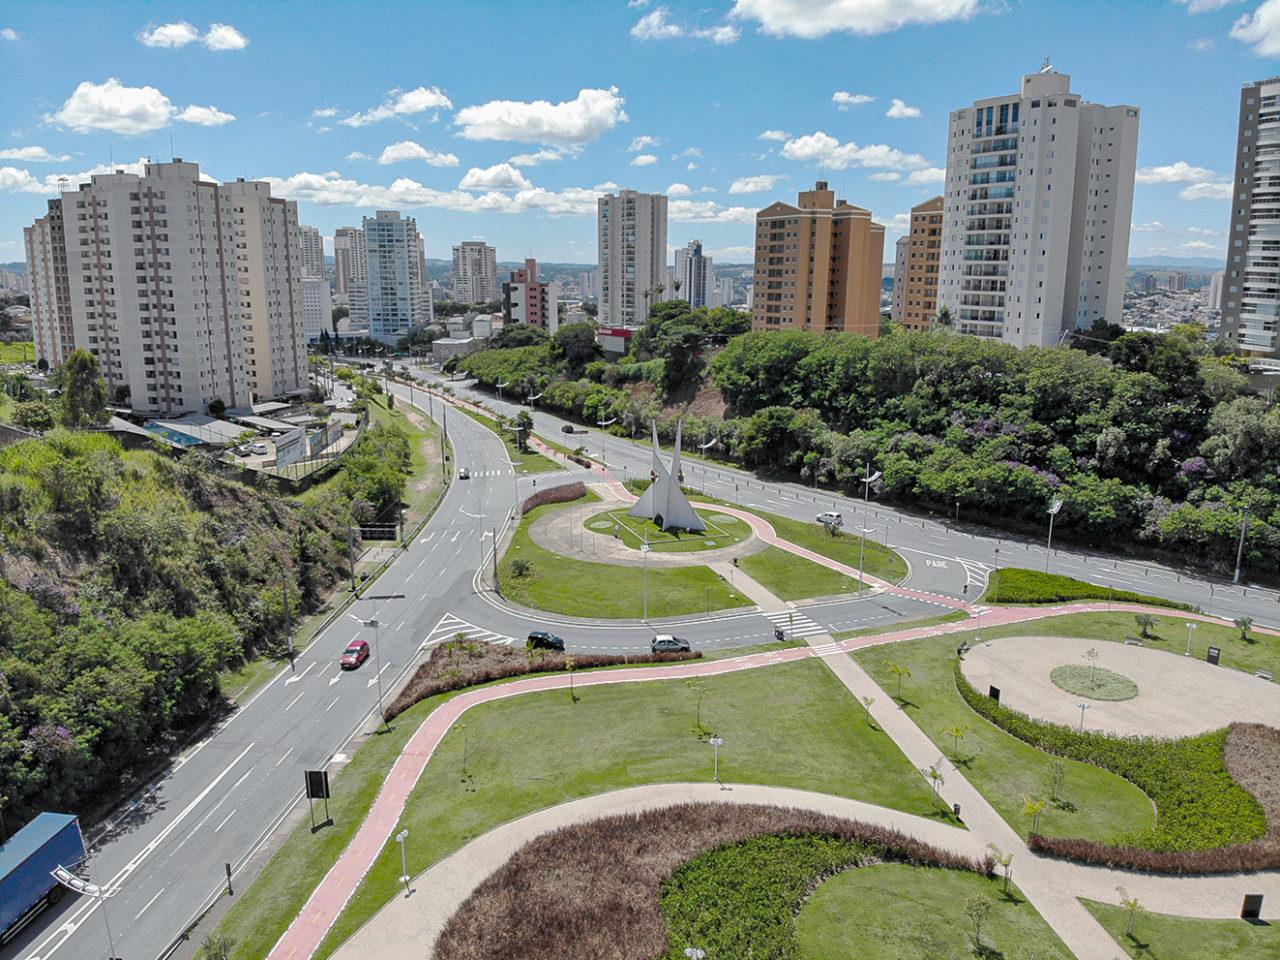 Foto aérea de avenida vazia, com edifícios no entorno e jardim com desenhos paisagísticos